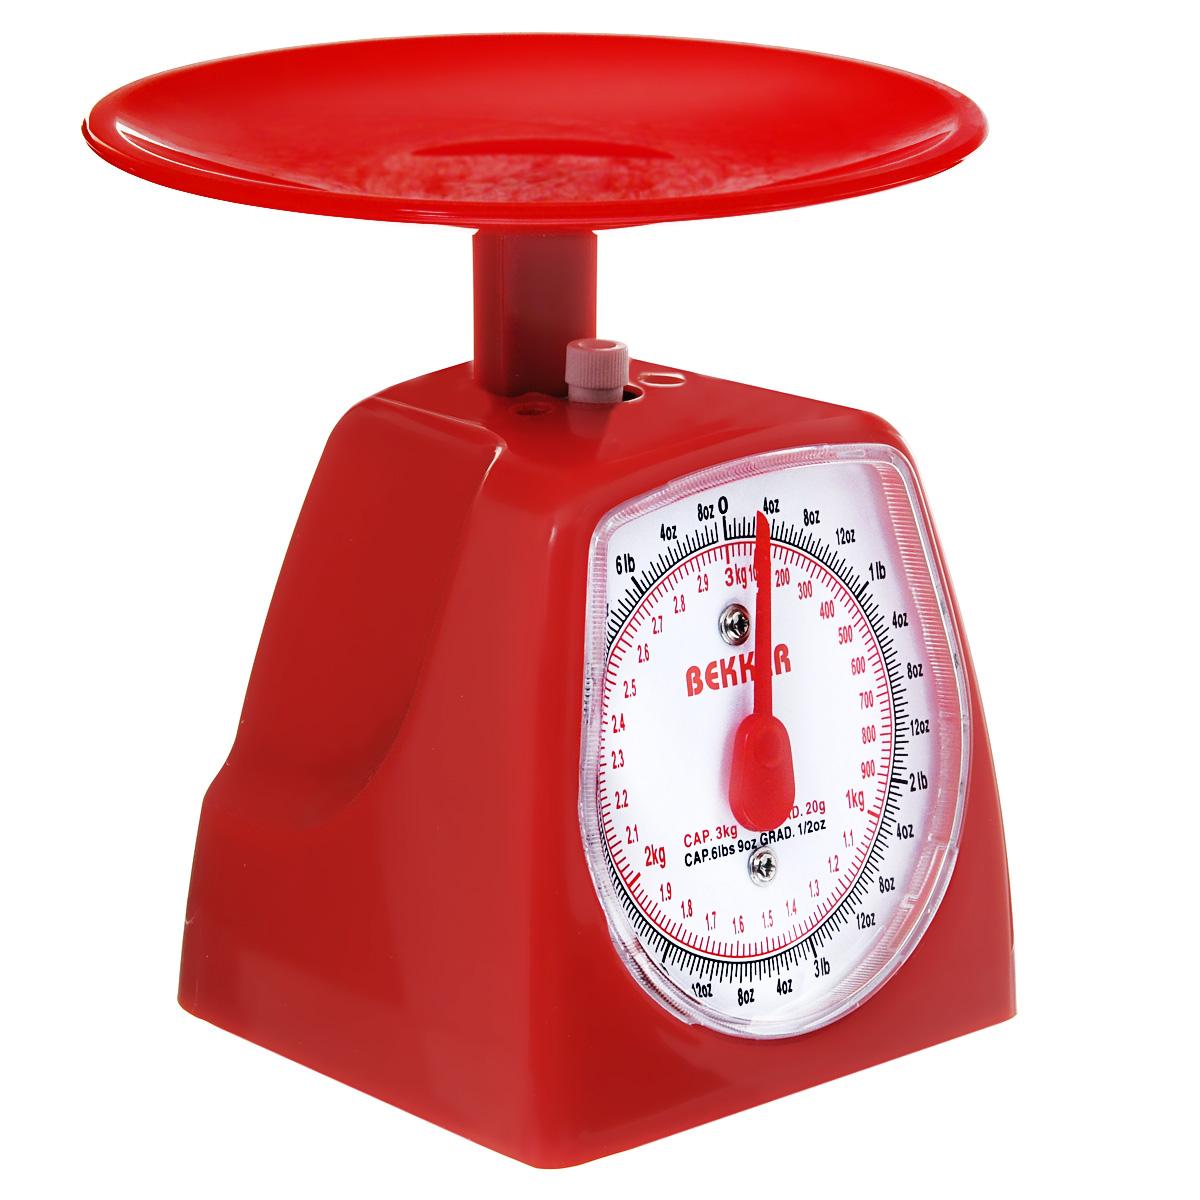 Весы кухонные Bekker Koch, цвет: красный, 3 кг. BK-5BK-5Механические кухонные весы Bekker Koch выполнены из пластика и металла. Циферблат снабжен отметками граммов, килограммов и унций, а также стрелкой. Весы имеют регулятор мерной шкалы. Особенности весов Bekker Koch: надежный механизм, удобная круглая чаша, простой и быстрый способ проверить вес продуктов. Материал: пластик, металл. Размер весов (с учетом чаши): 16,5 см х 16,5 см х 17 см. Диаметр чаши: 16,5 см.